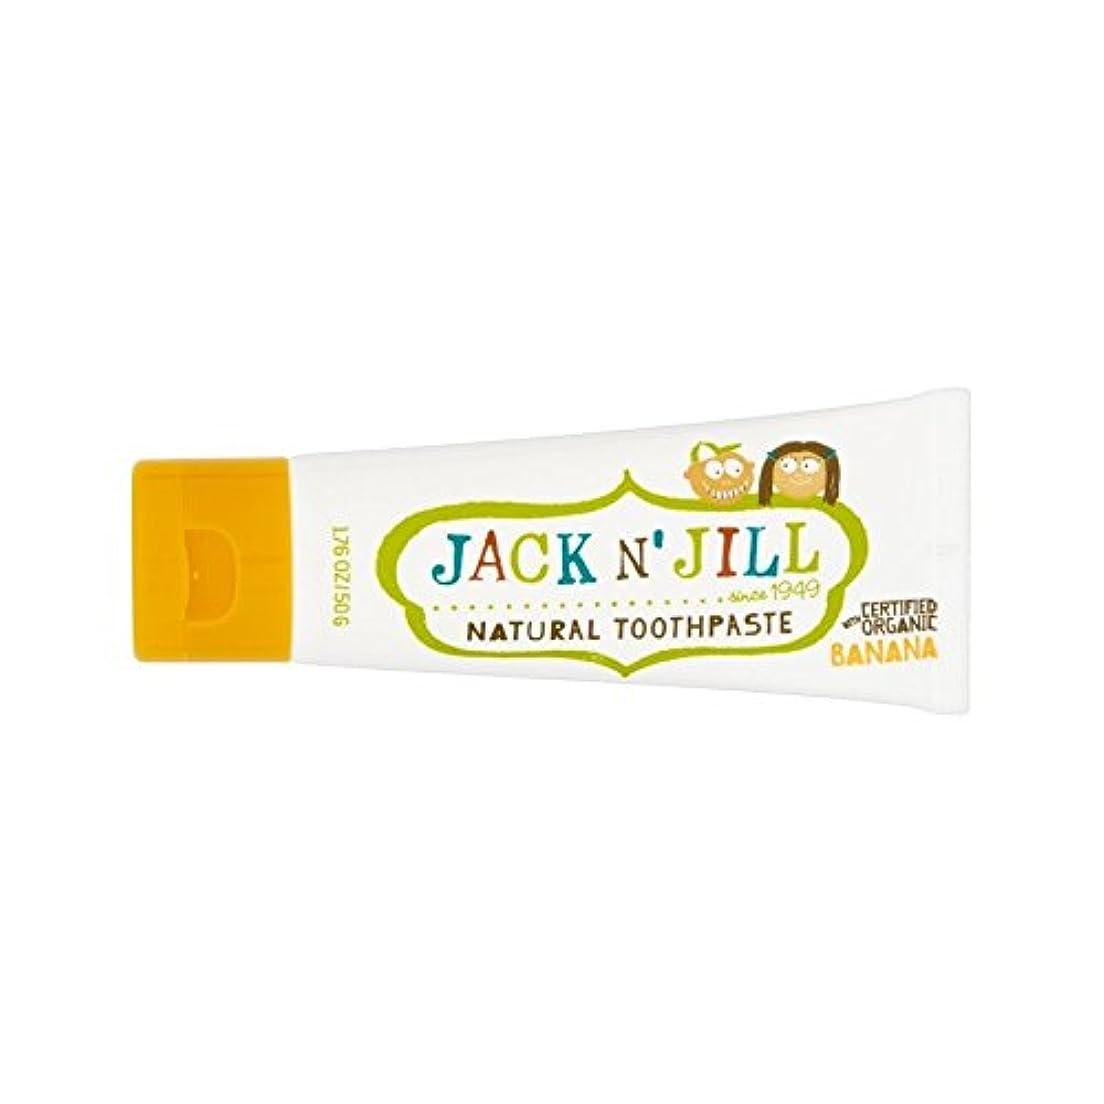 塩辛い刈り取る衣服有機香味50グラムと自然バナナ歯磨き粉 (Jack N Jill) - Jack N' Jill Banana Toothpaste Natural with Organic Flavouring 50g [並行輸入品]